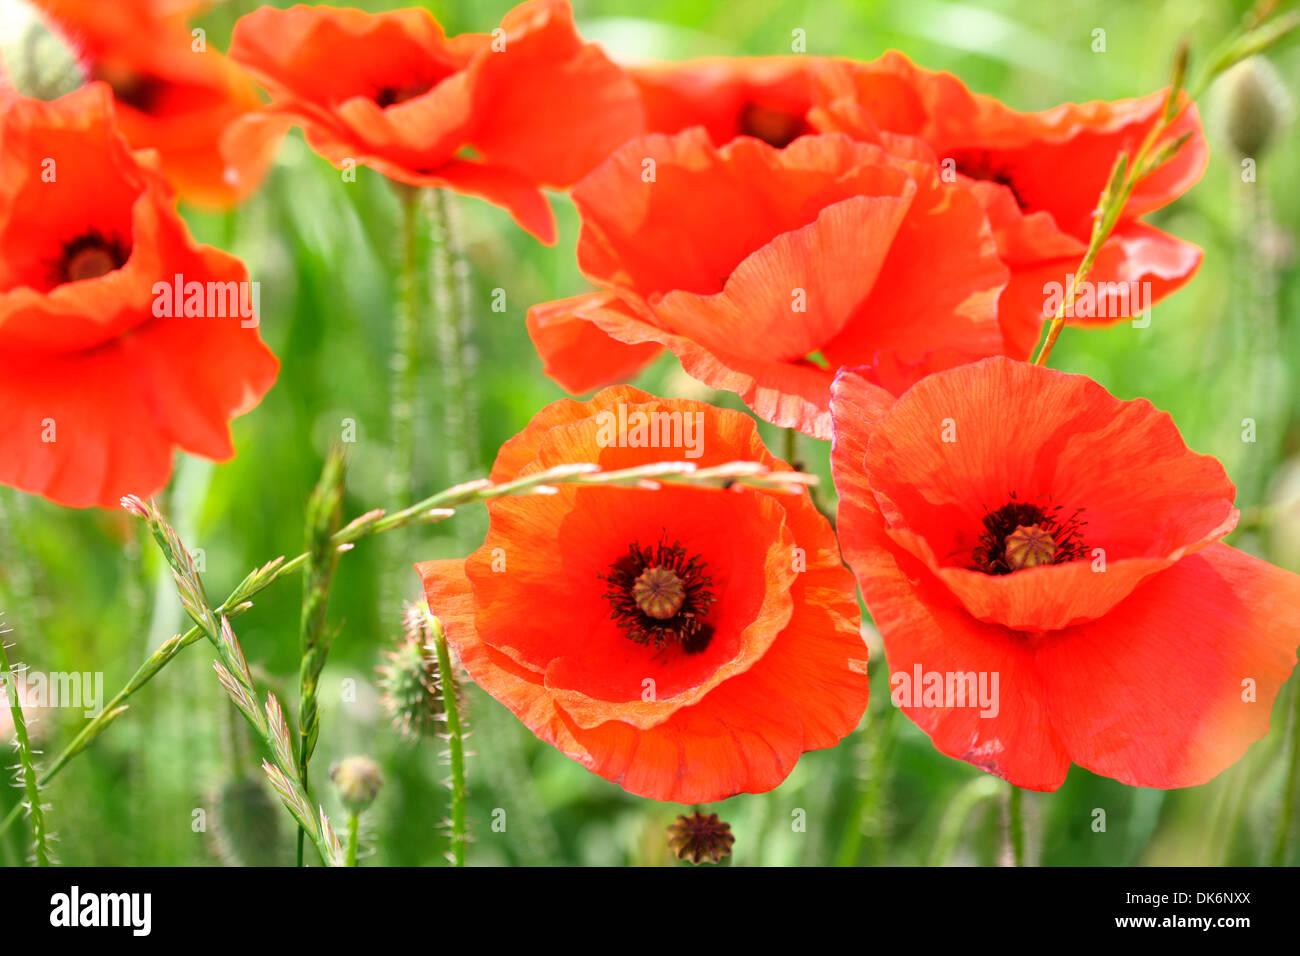 red poppies a delightful summer scene  Jane Ann Butler Photography  JABP842 - Stock Image